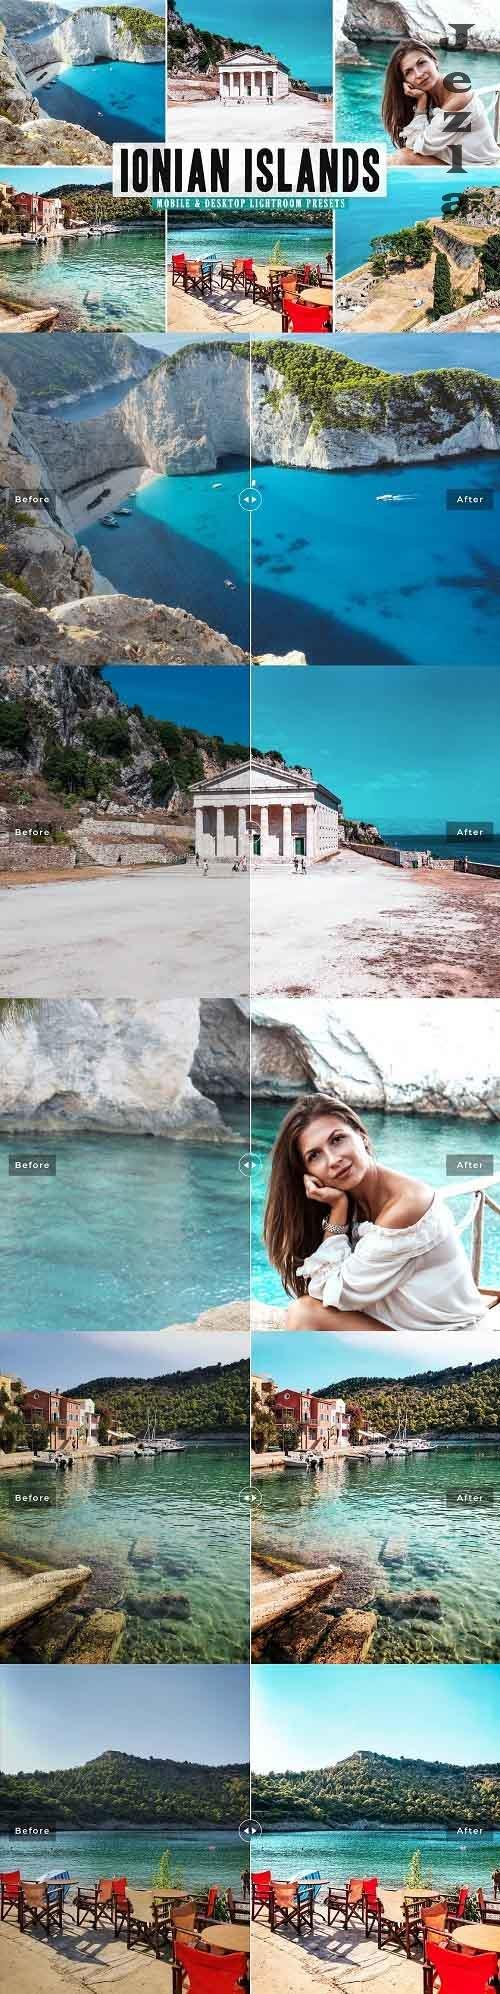 Ionian Islands Pro Lightroom Presets - 5478158 - Mobile & Desktop